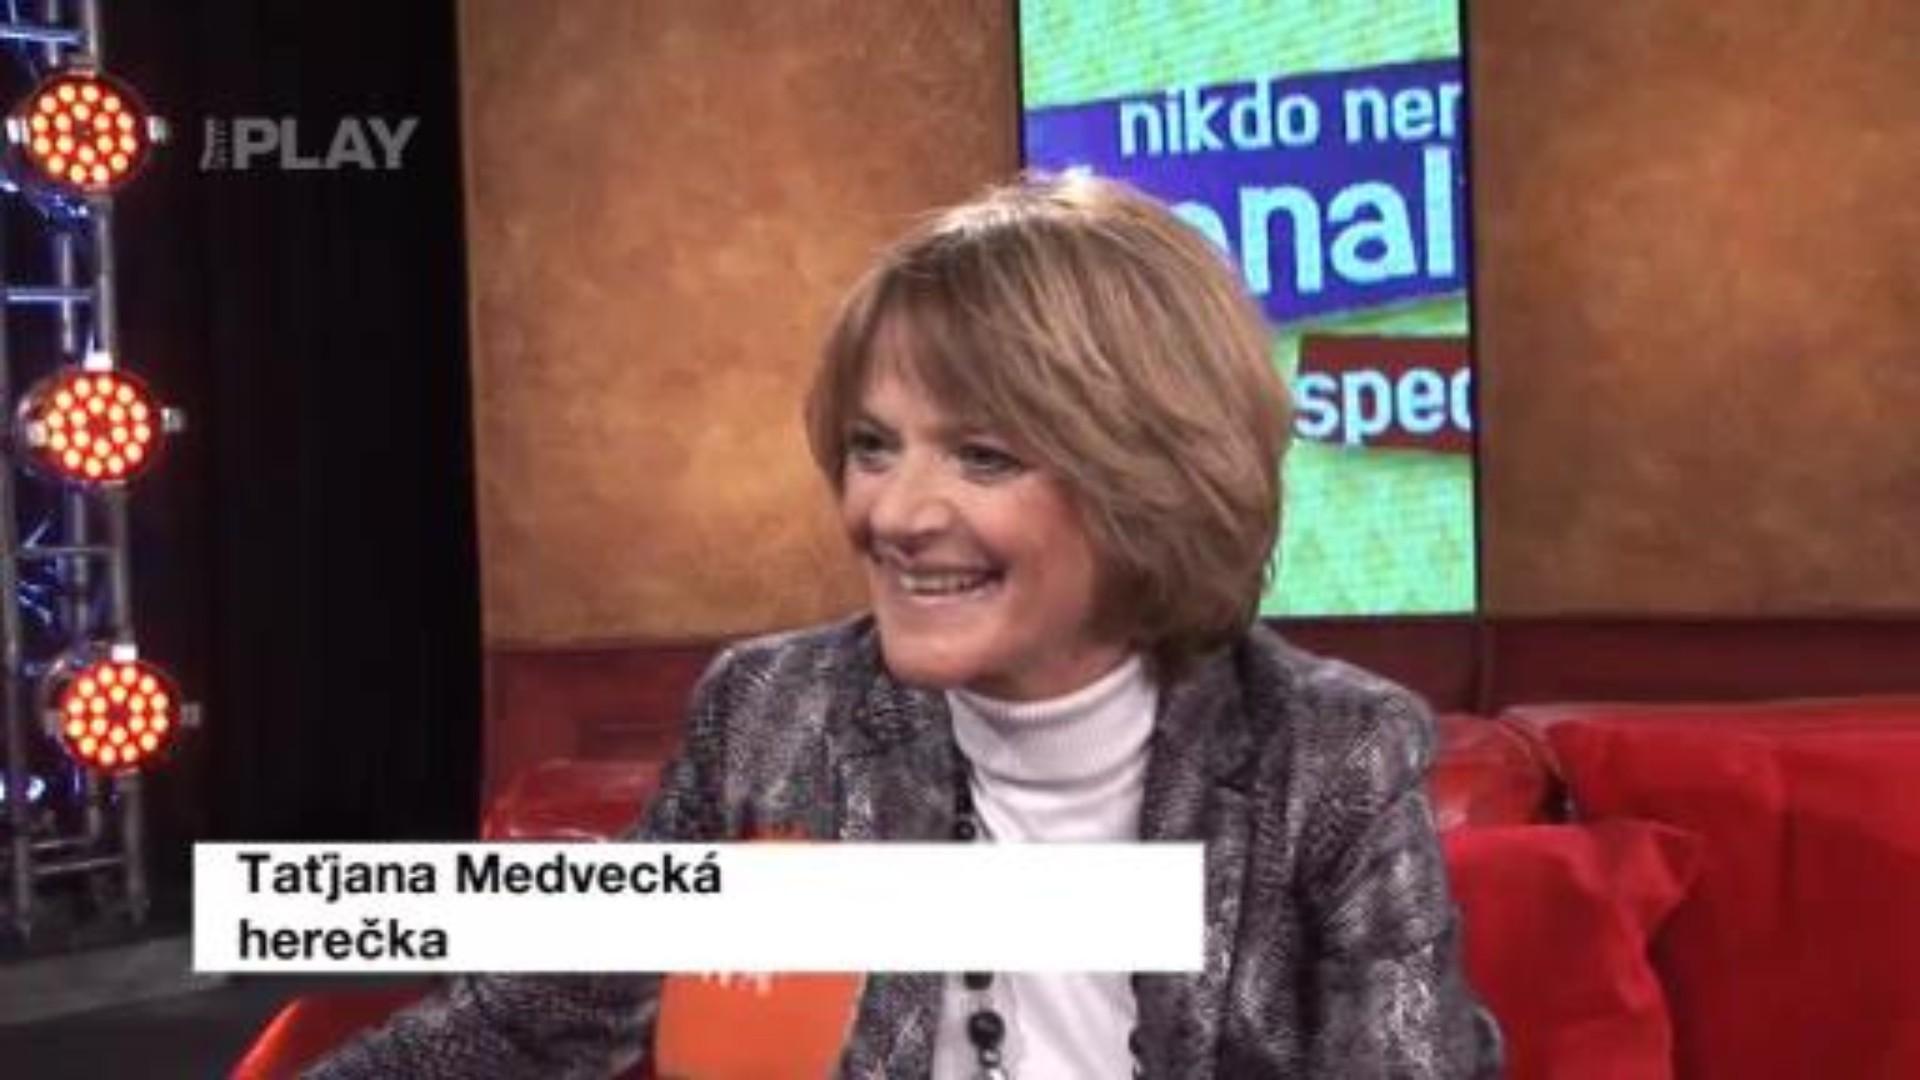 Watch Giovanna Mezzogiorno (born 1974) video